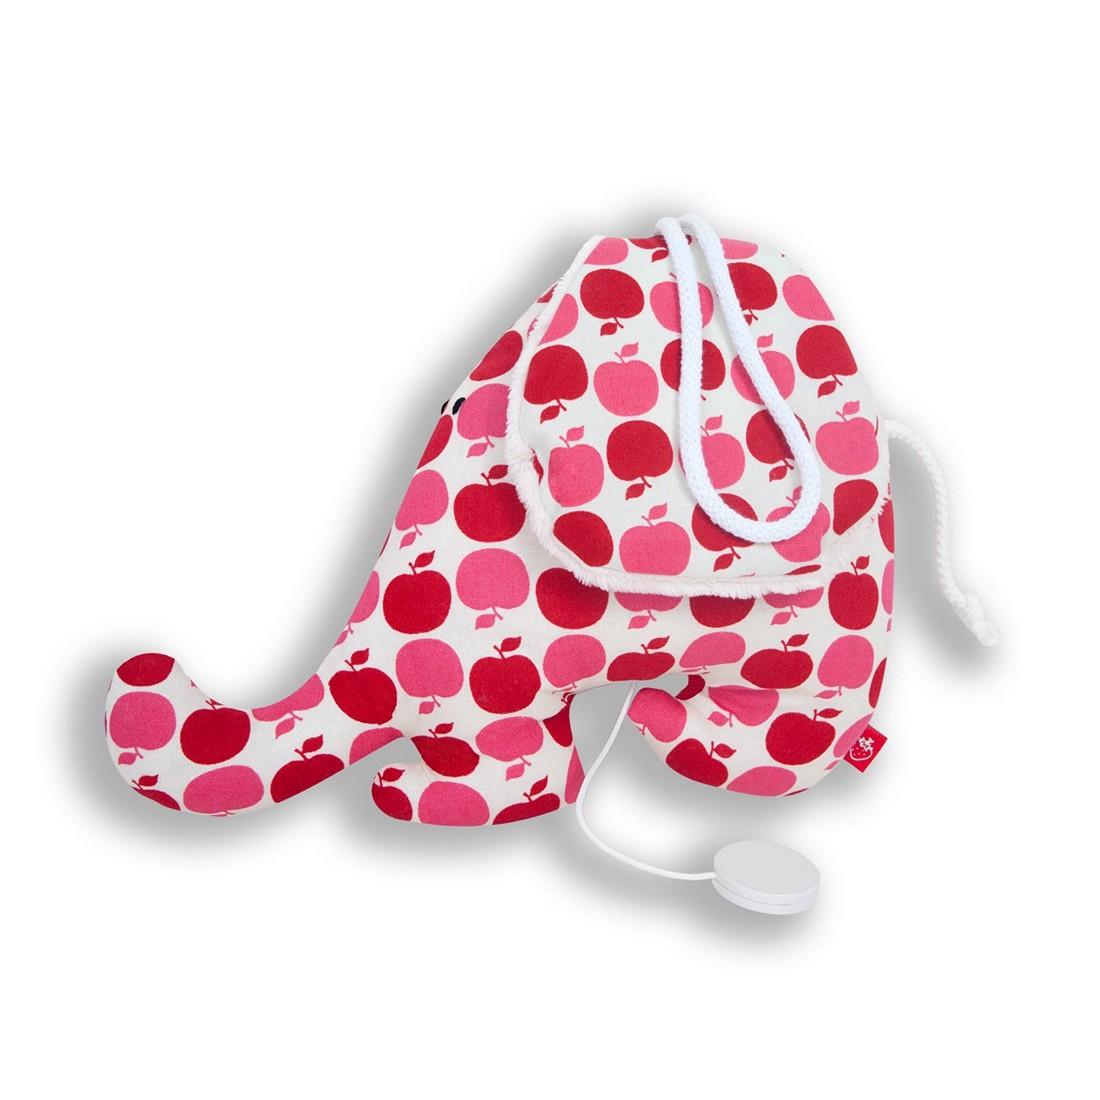 Spieluhr Elefant pomme rouge - Baumwolle - Rote Äpfel, la fraise rouge